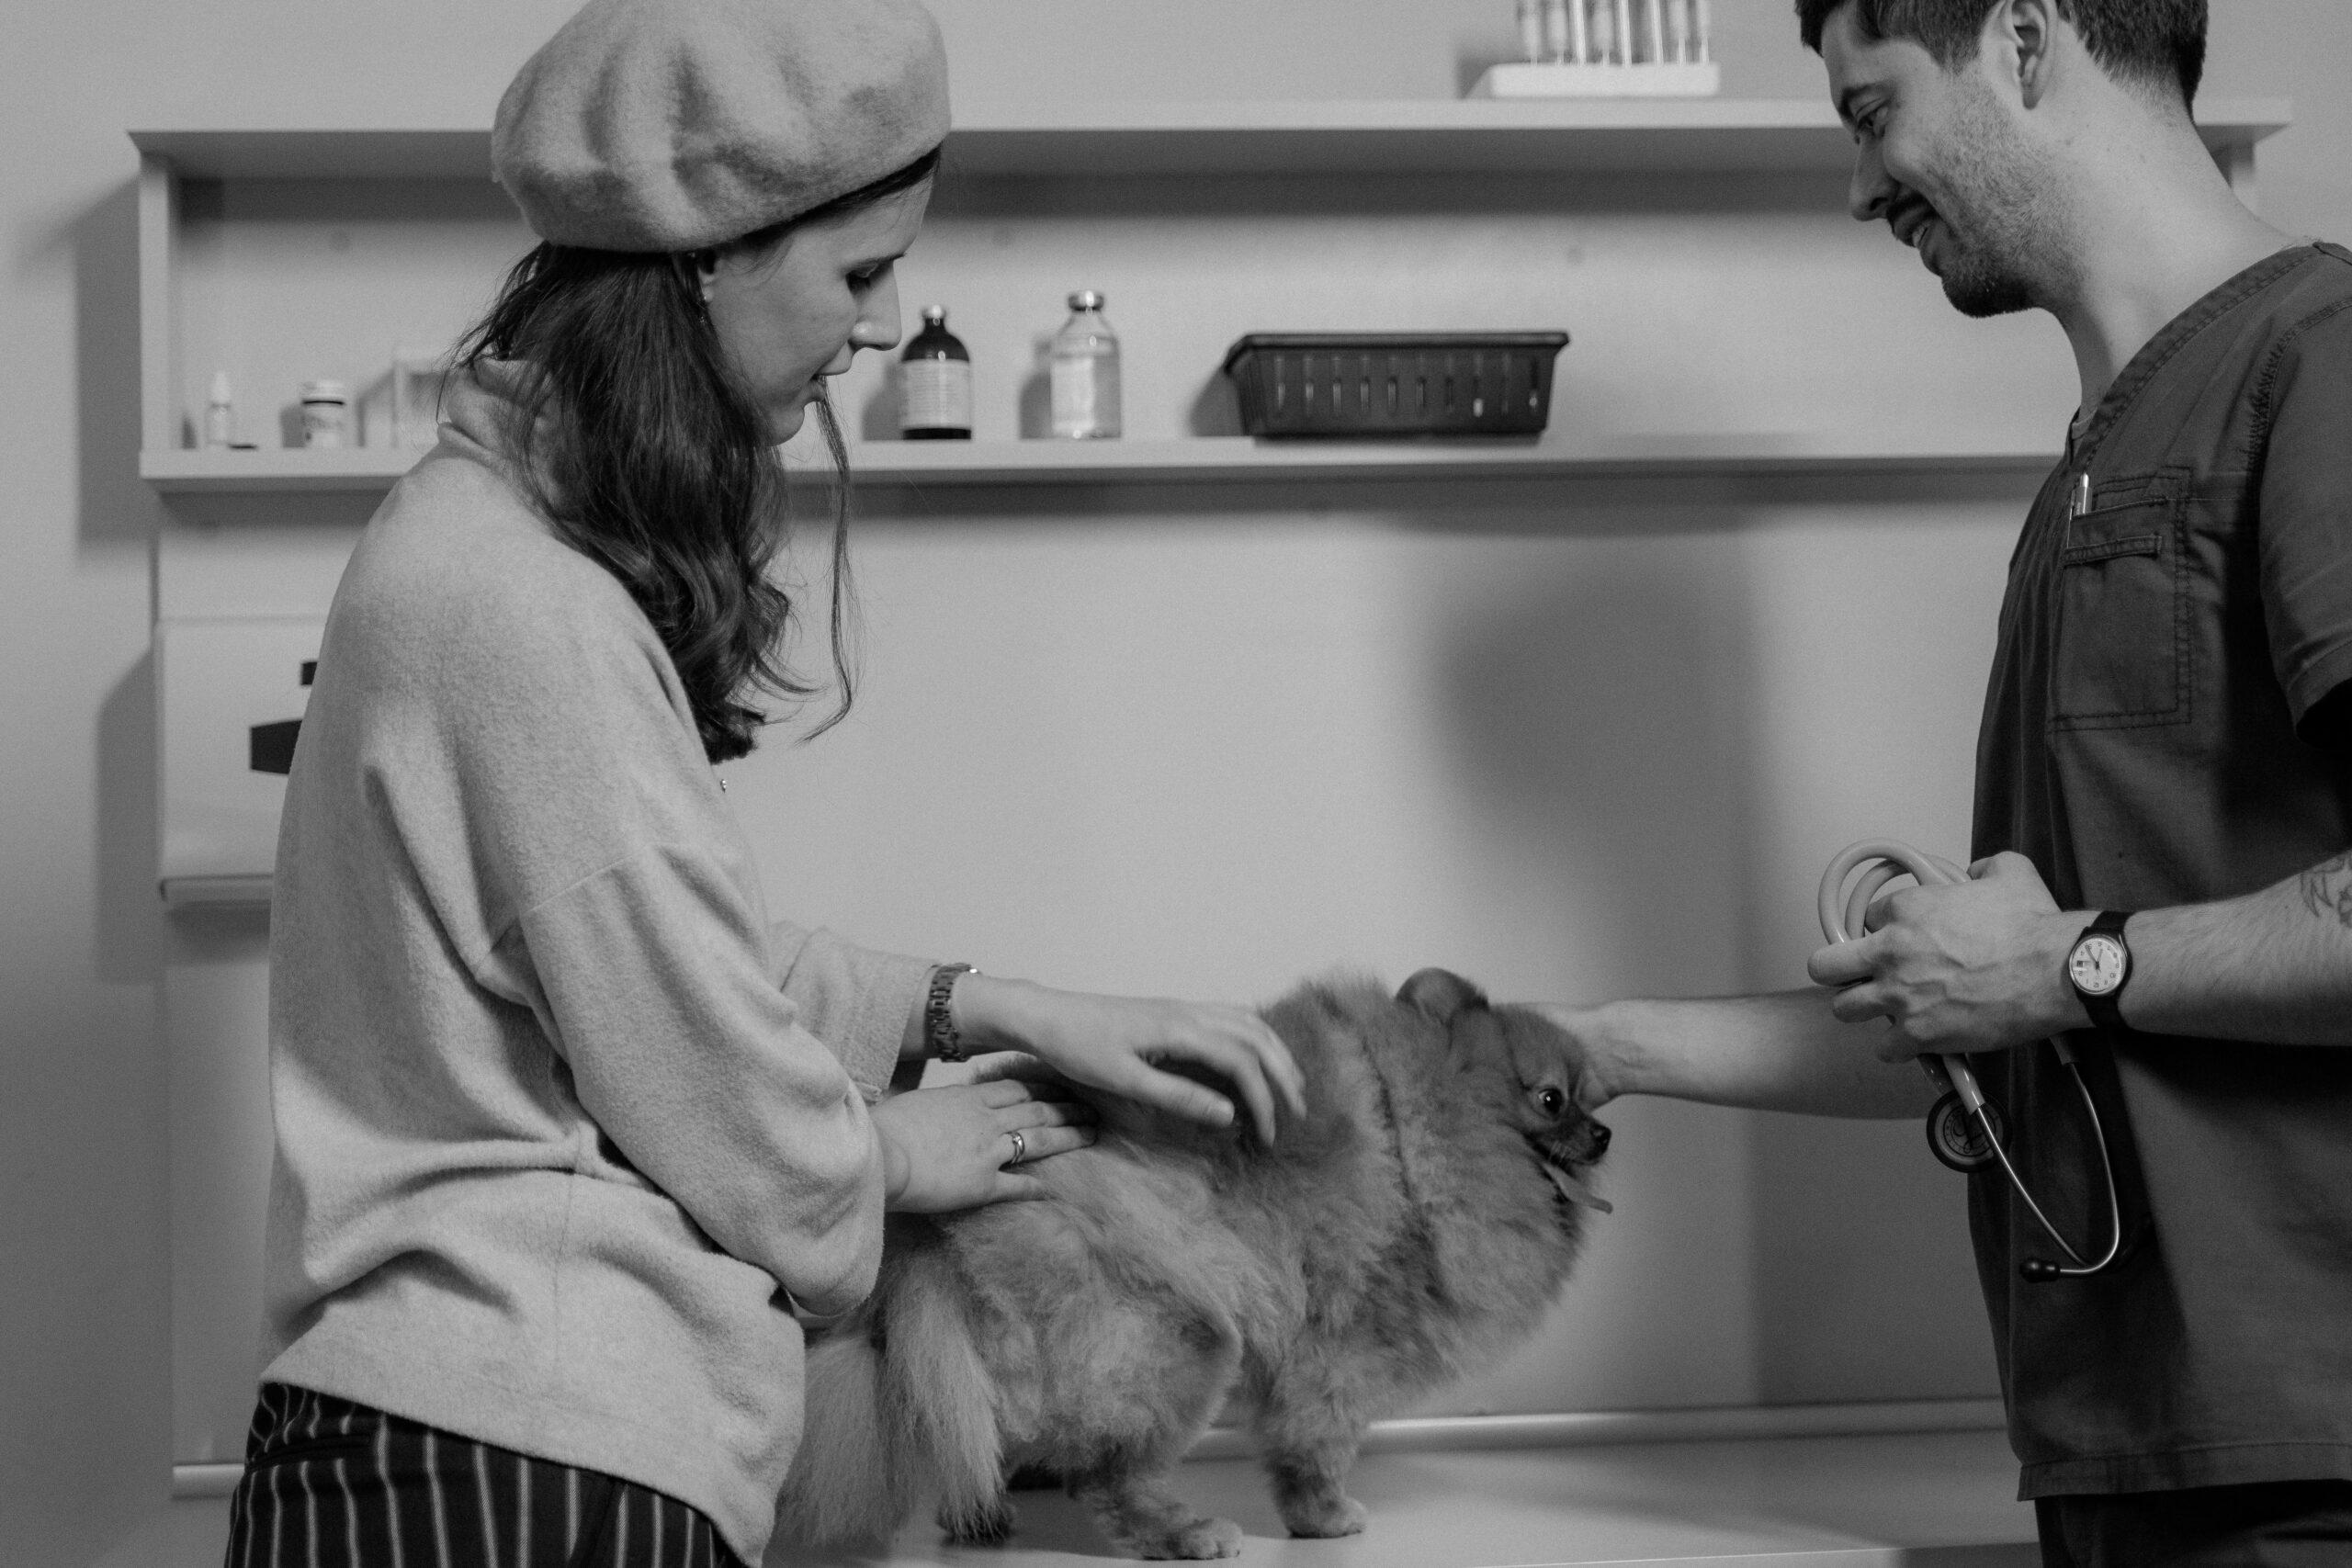 Omeopatia veterinaria: il cliente ha sempre ragione